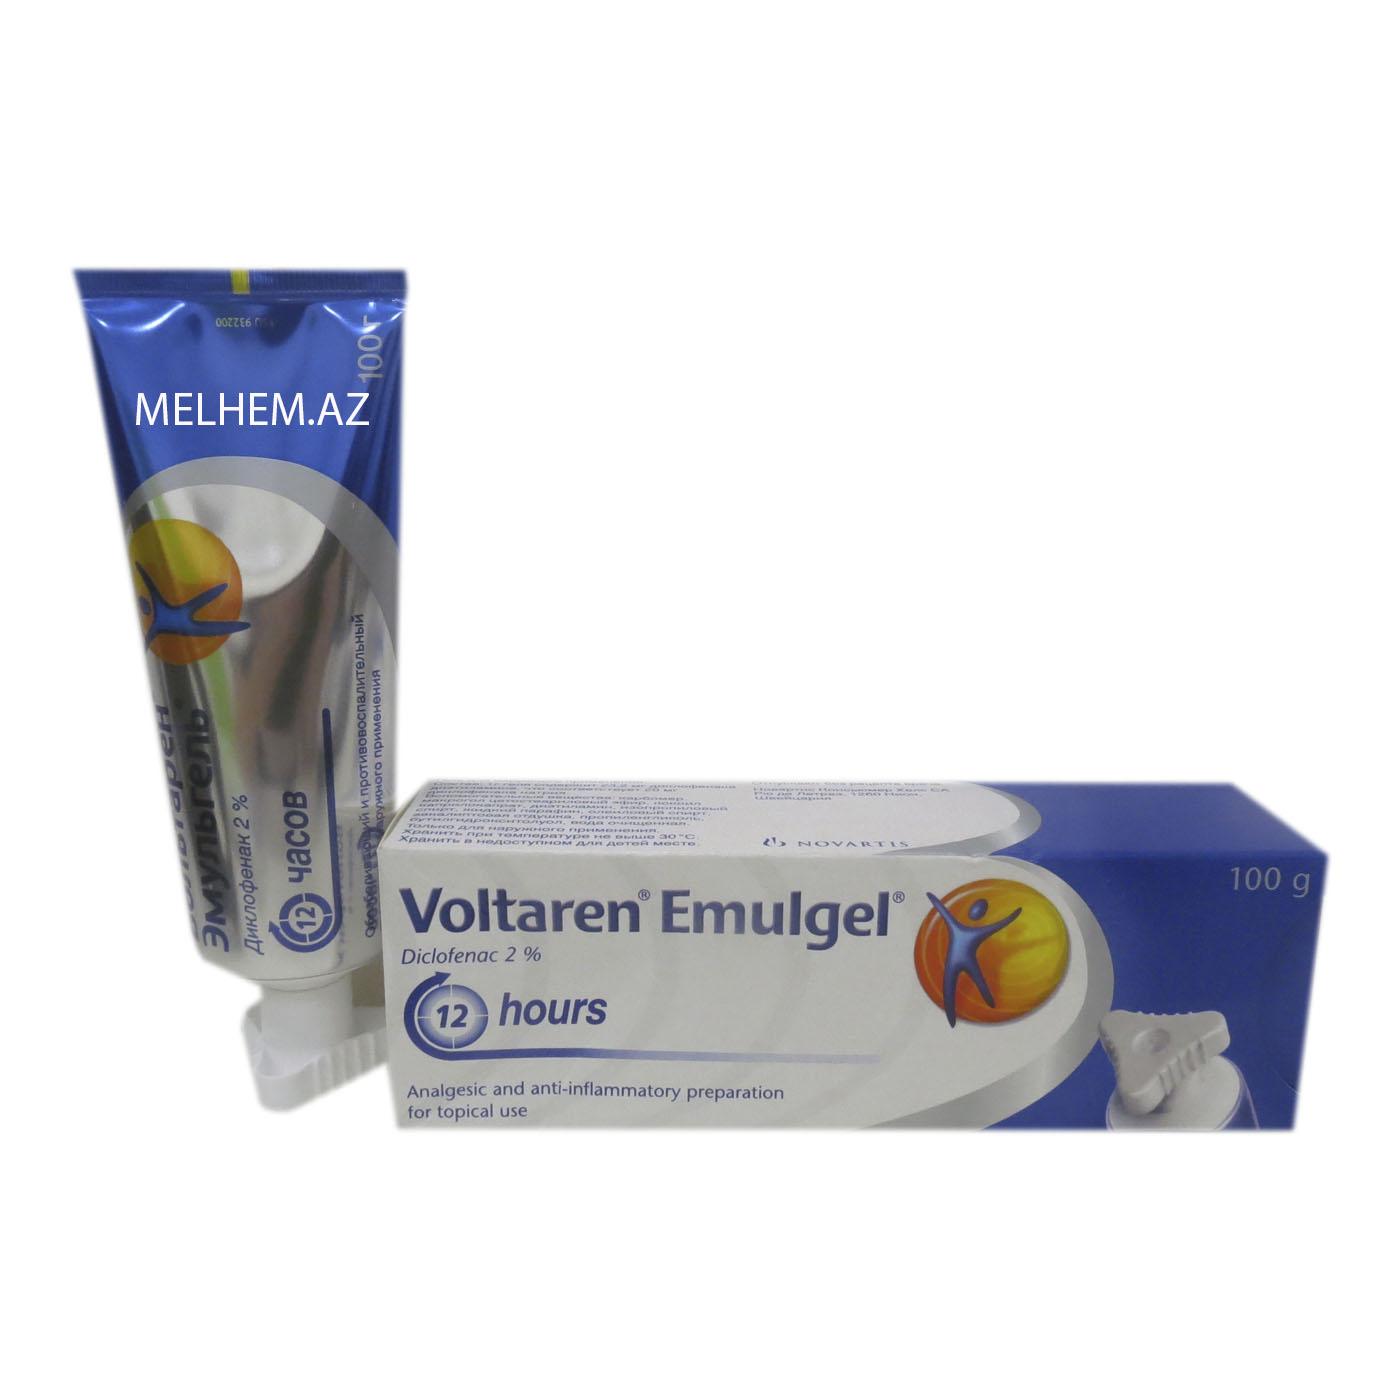 VOLTAREN EMULGEL 100 GR